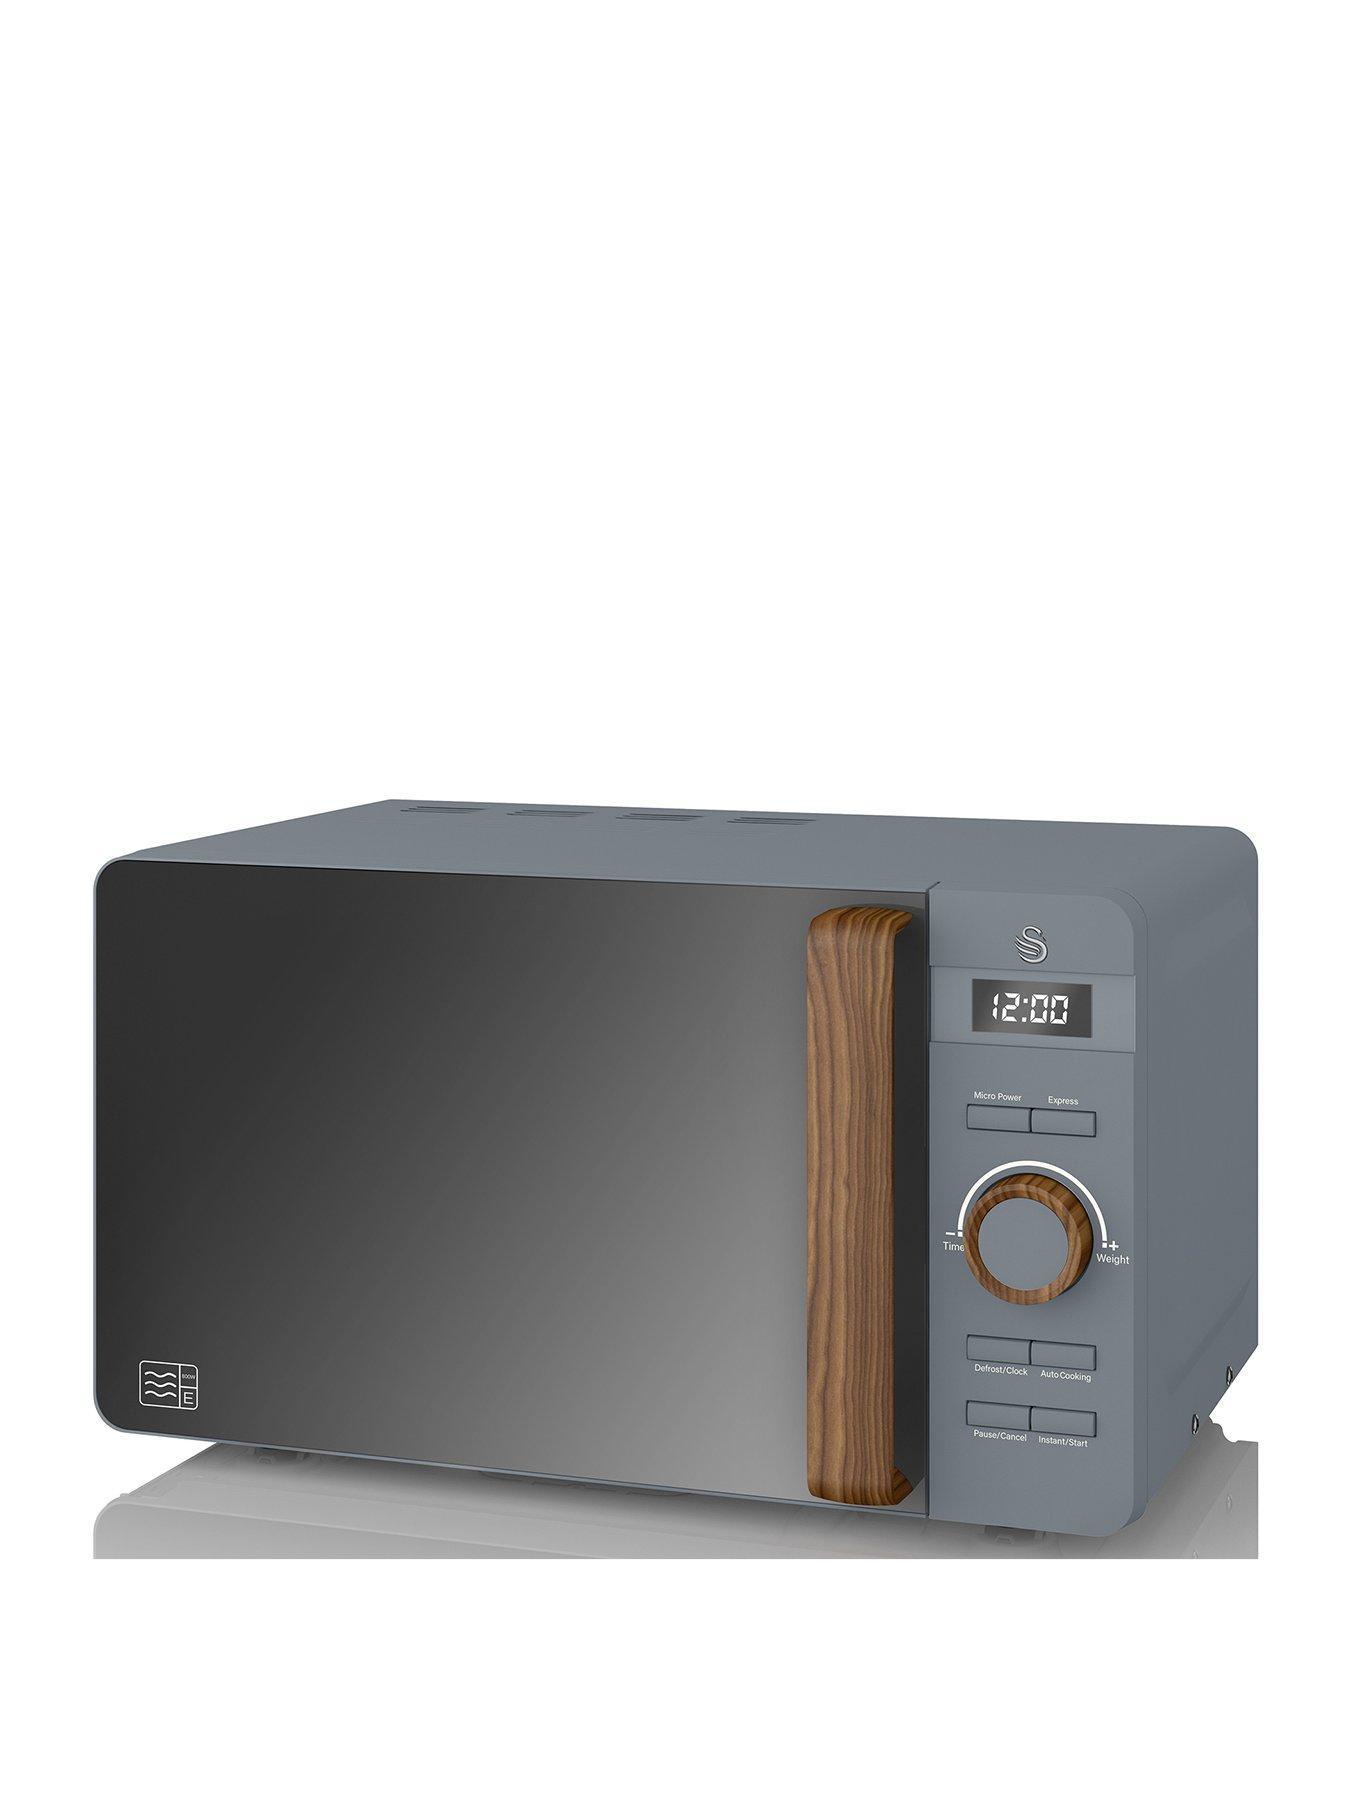 20l nordic digital microwave grey